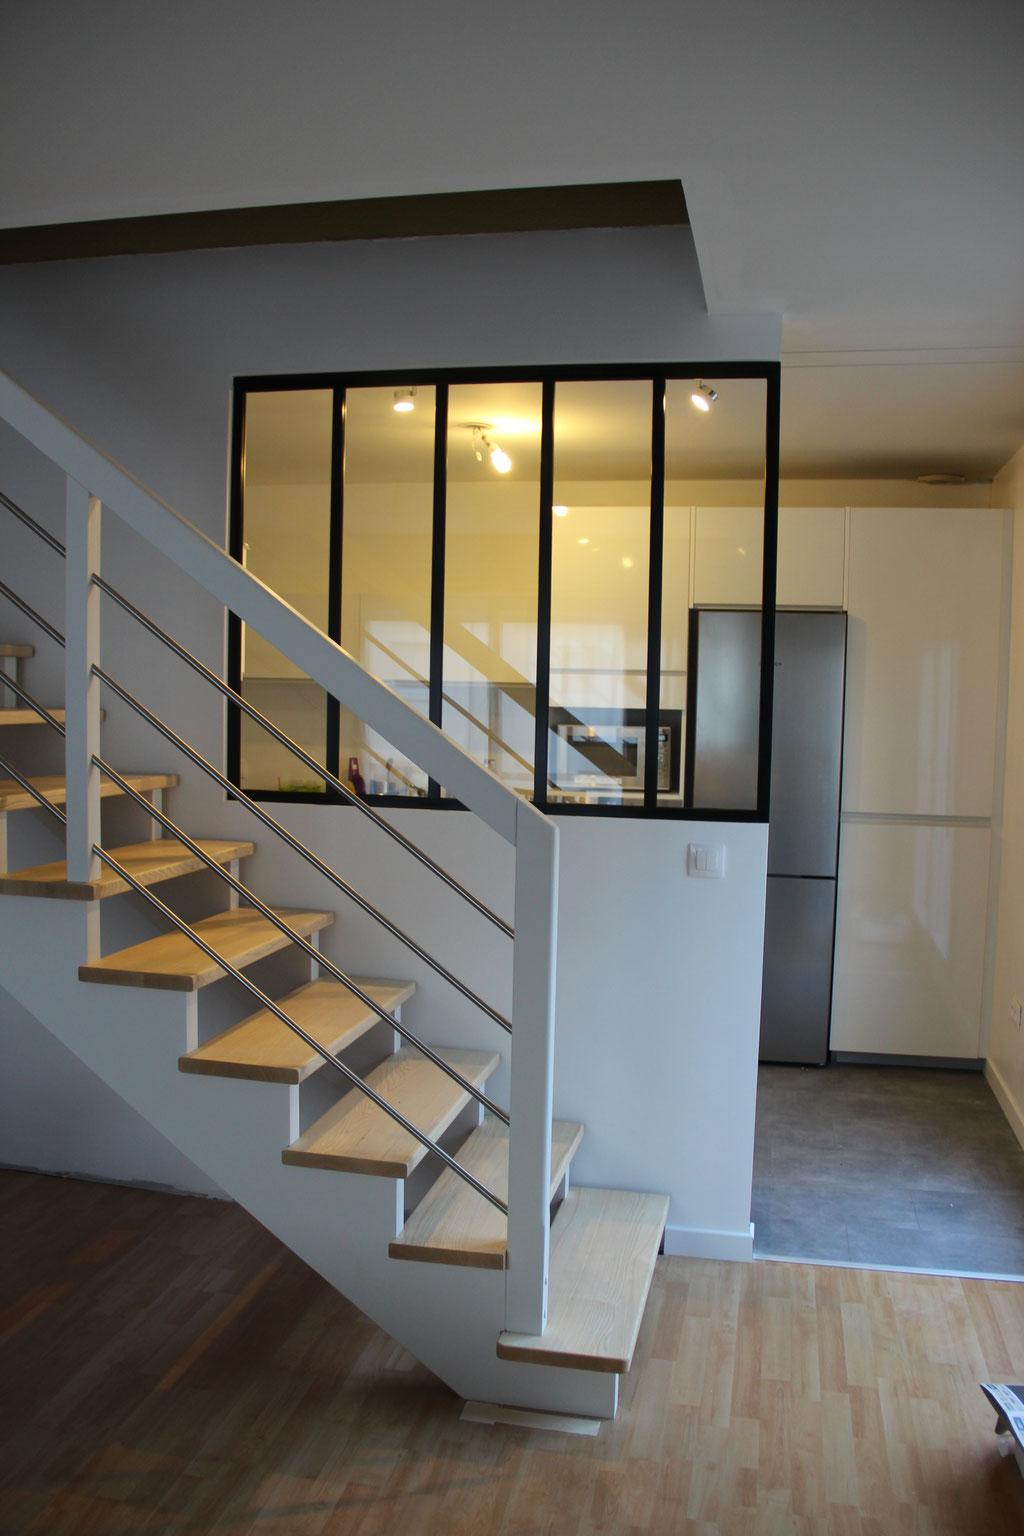 Accompagnement des travaux Verrière, escalier, cuisine, décoration